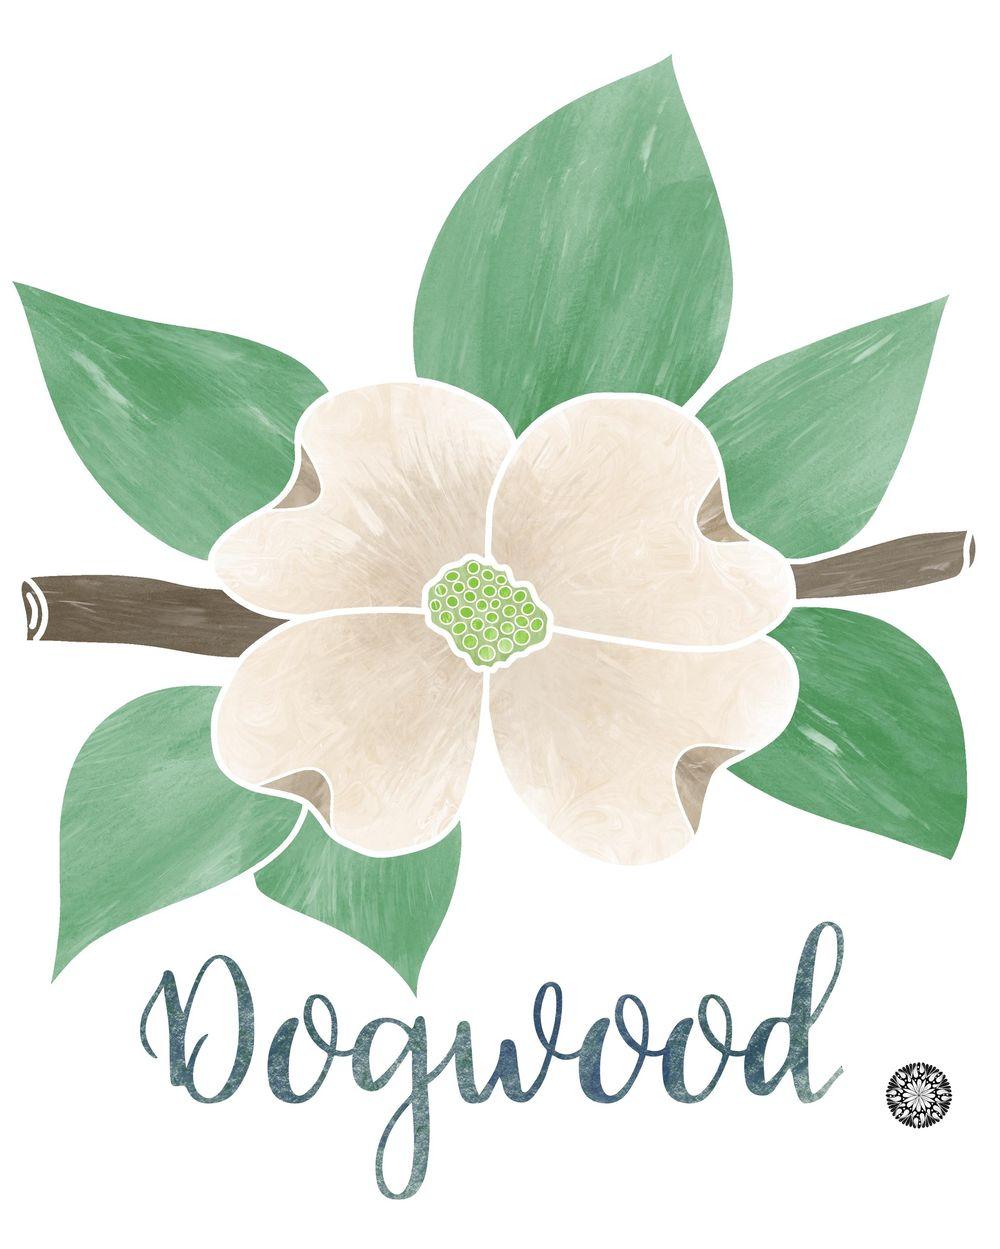 Dogwood ~ Mary Elizabeth Martin - image 1 - student project